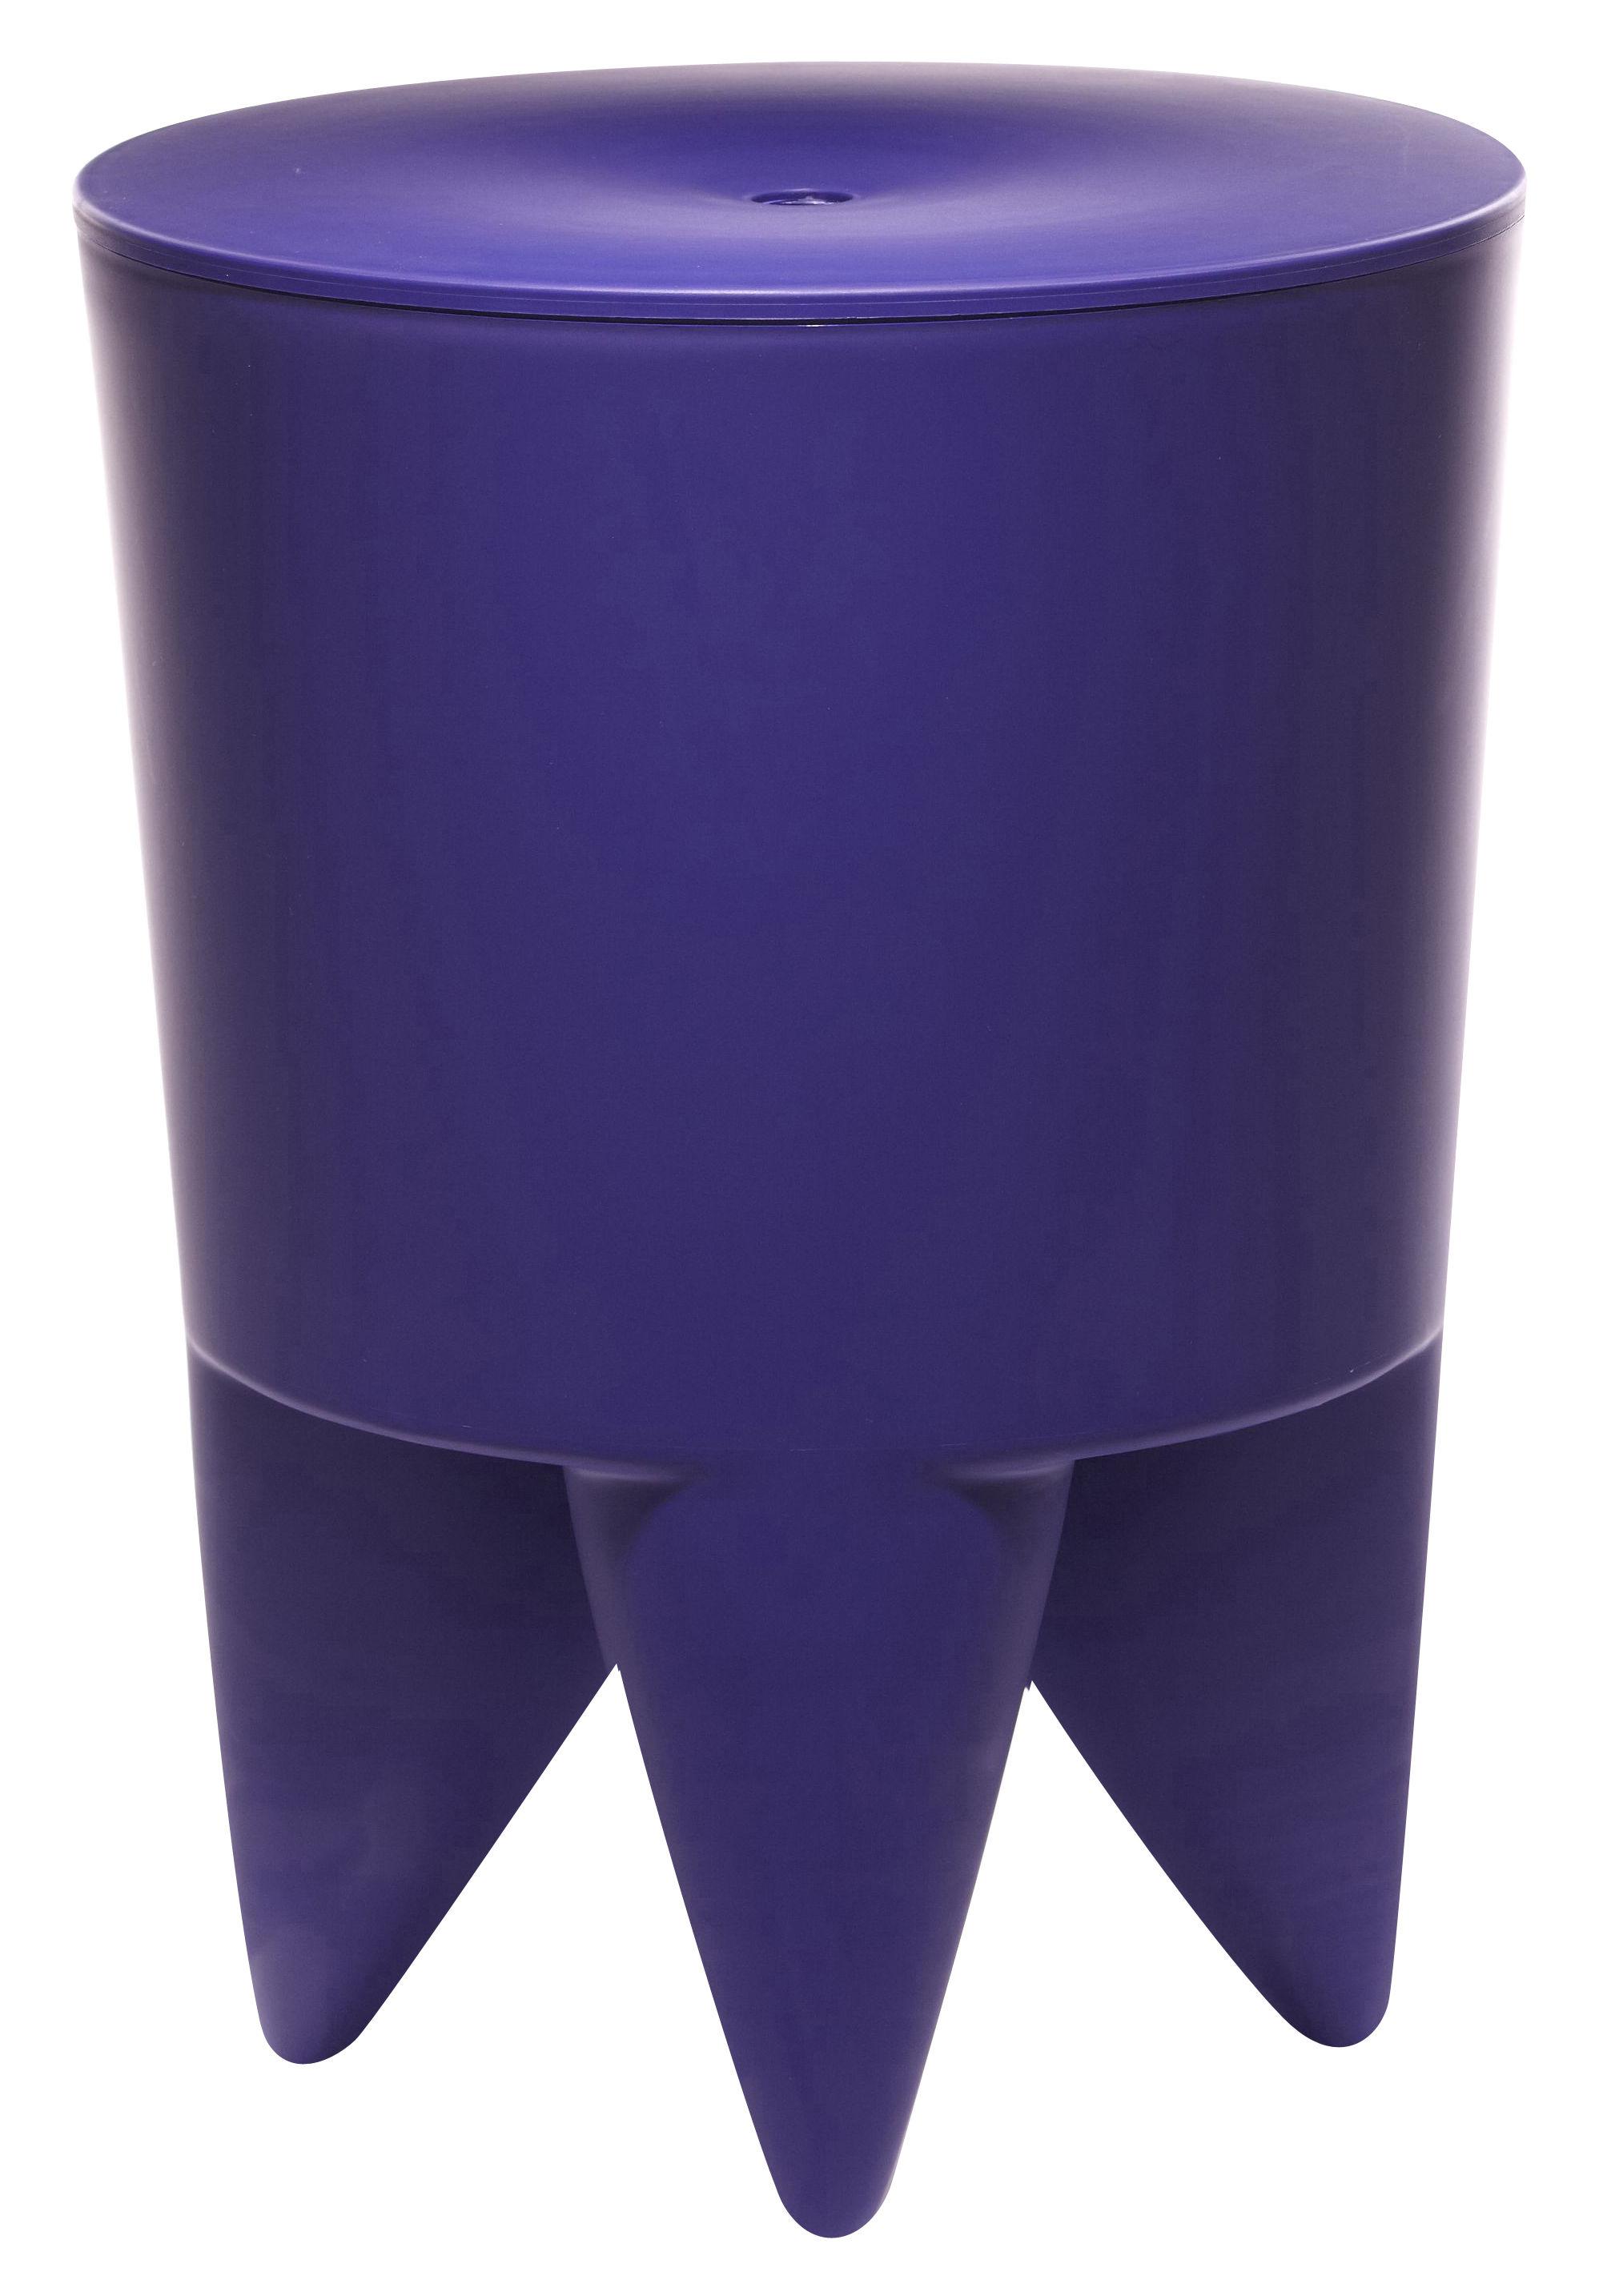 tabouret new bubu 1er coffre plastique violet ultramarine xo. Black Bedroom Furniture Sets. Home Design Ideas